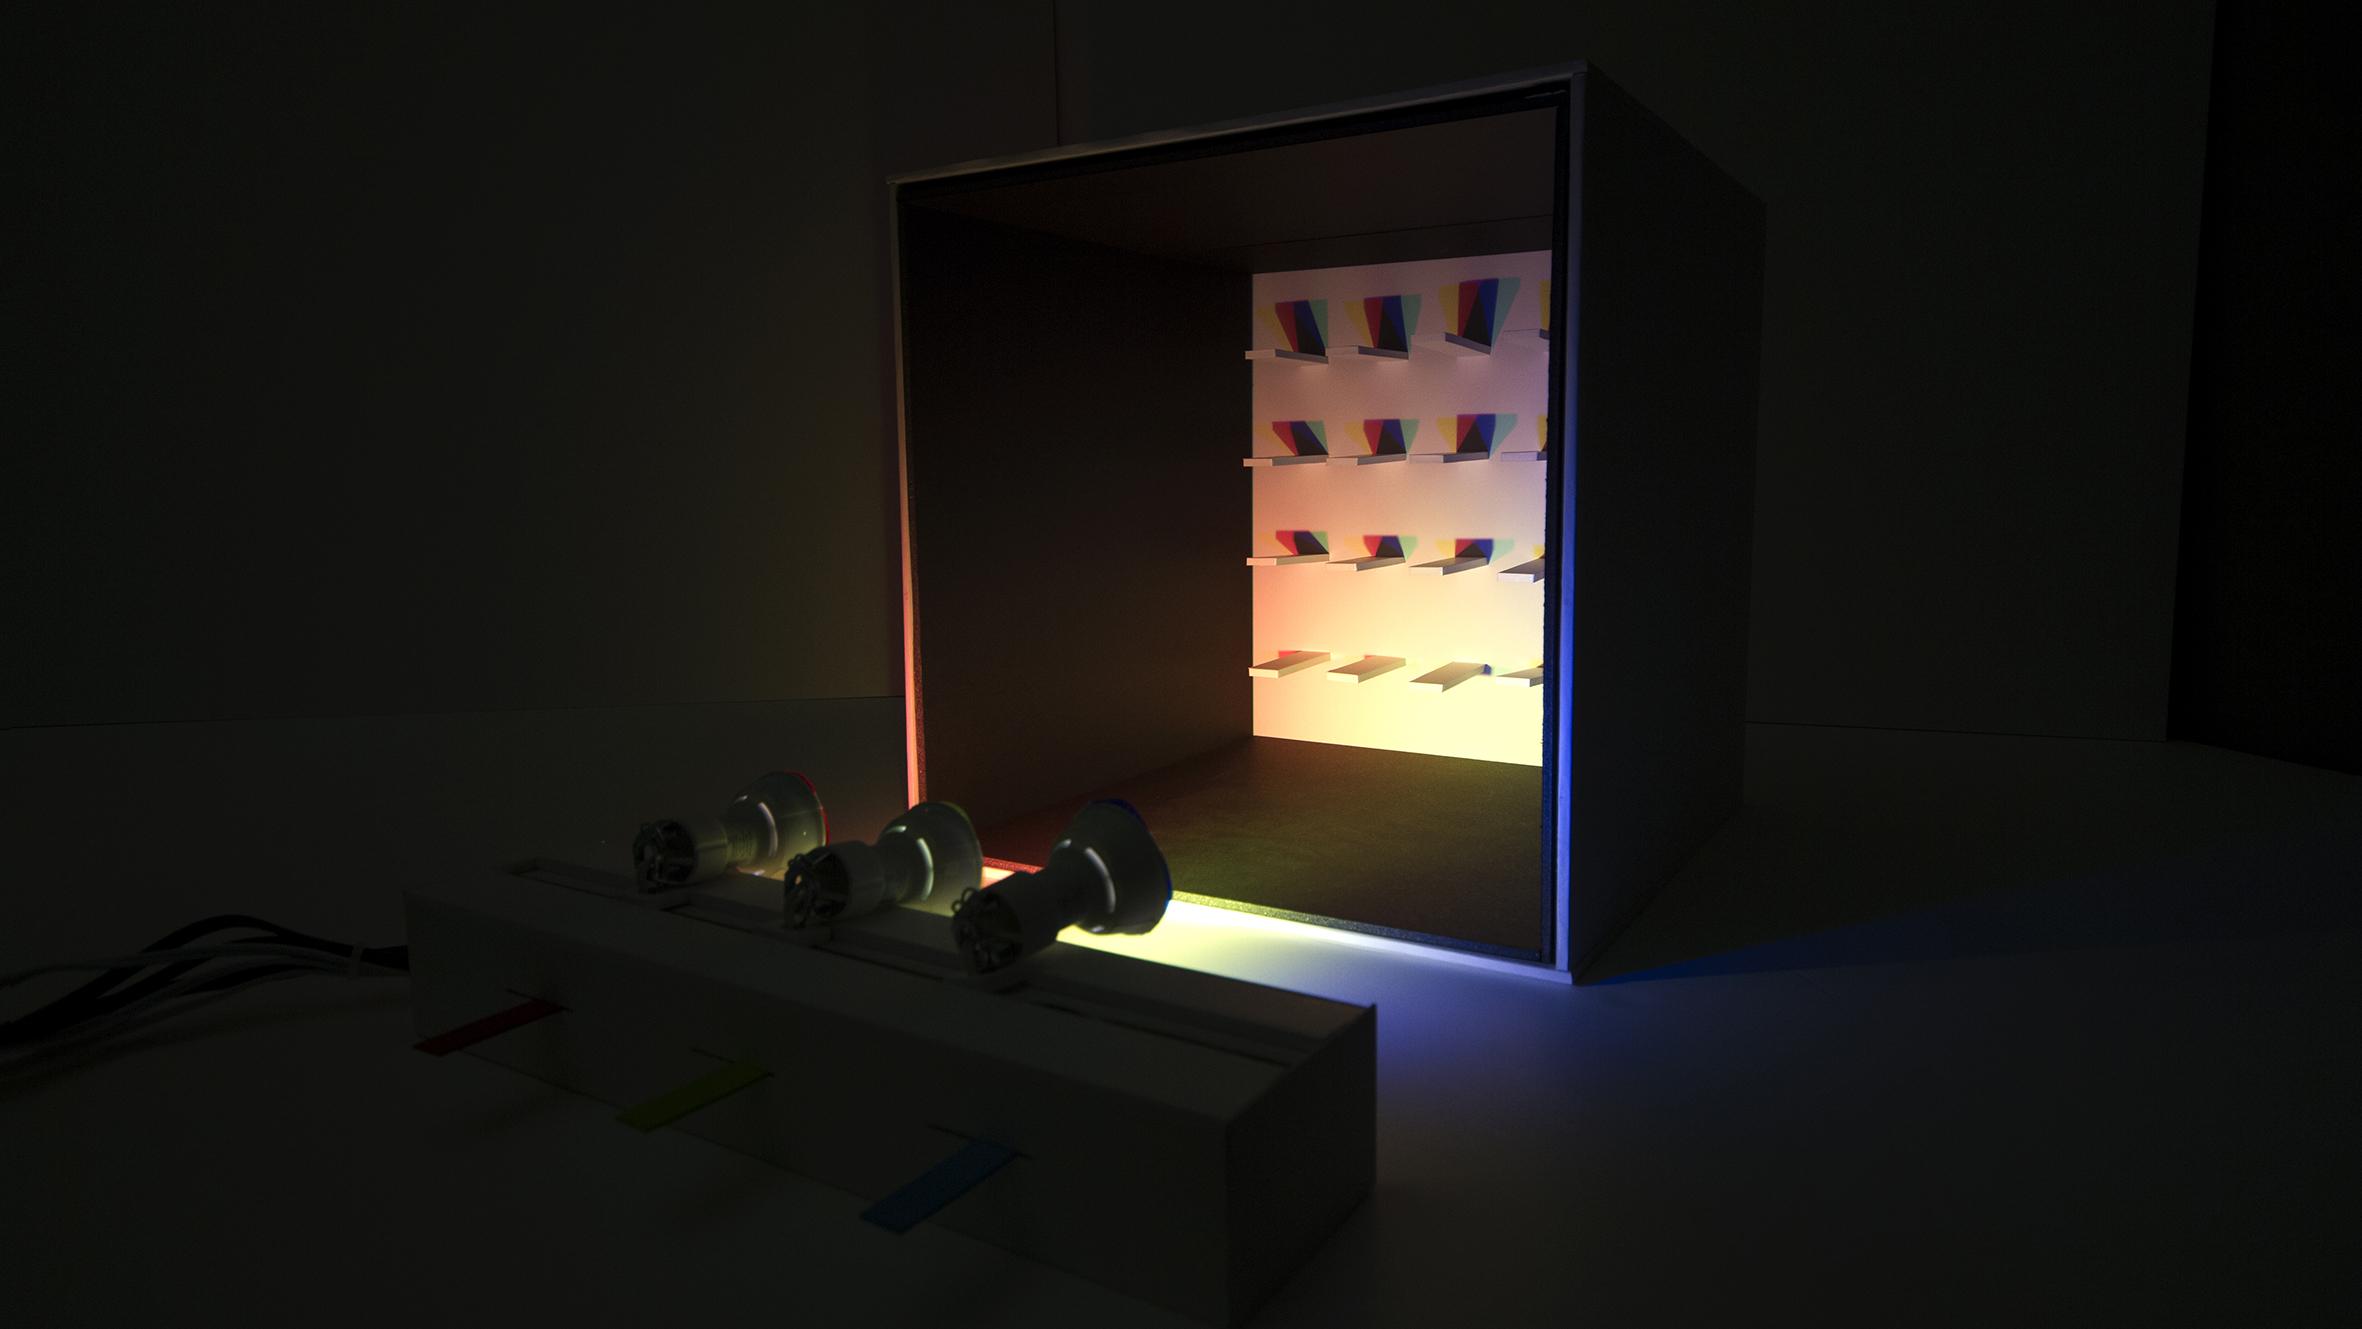 KAMA_WYBIERALSKA_RGB BOX_07.jpg